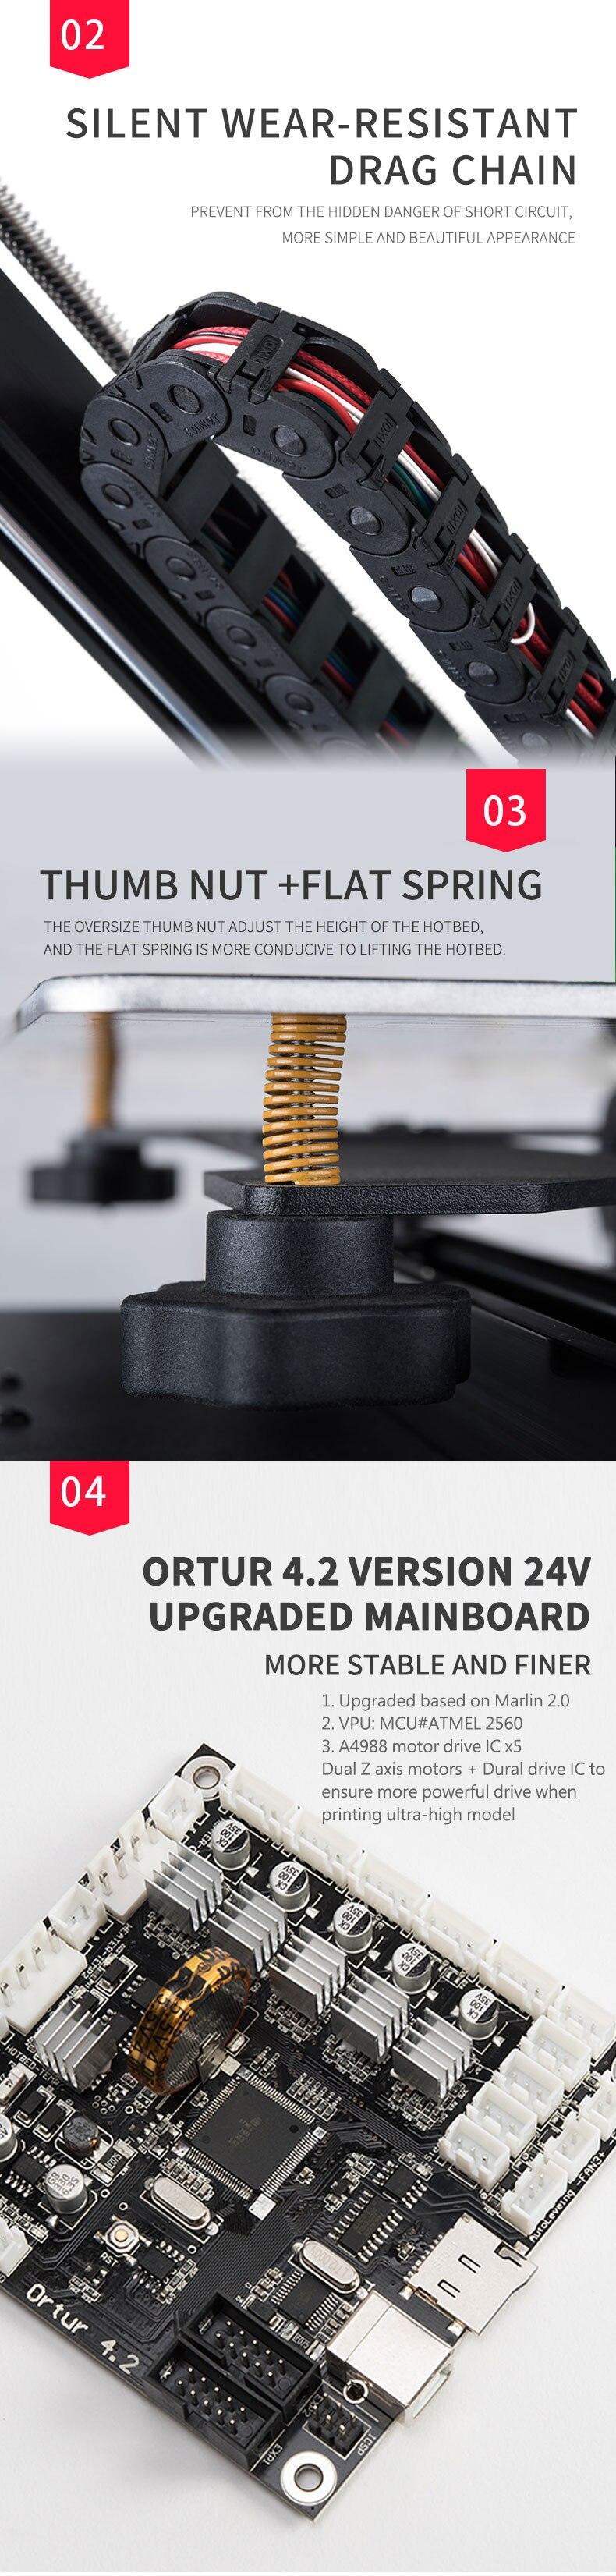 Ortur (9)